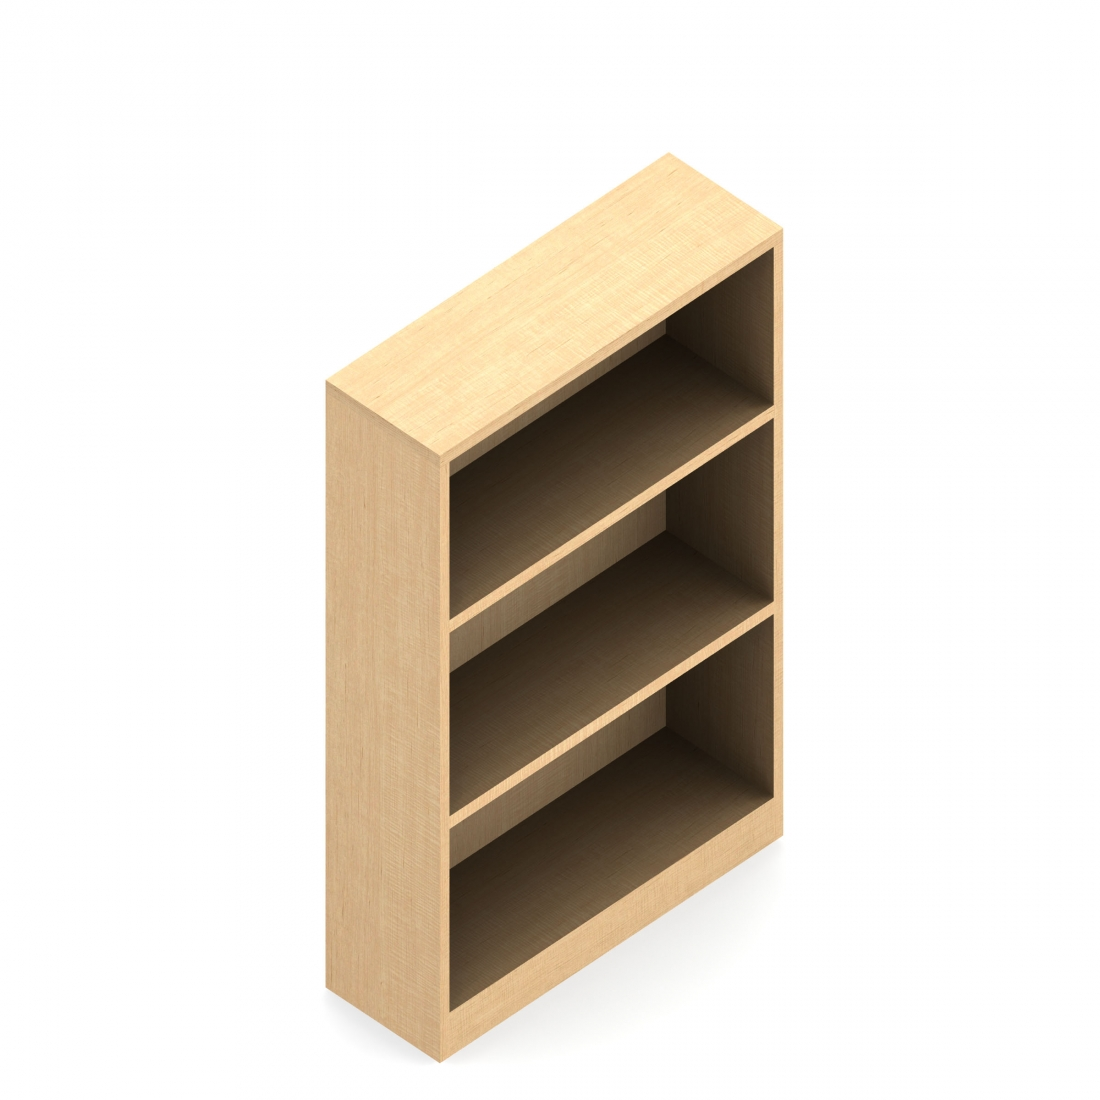 ABC48 Bookcase